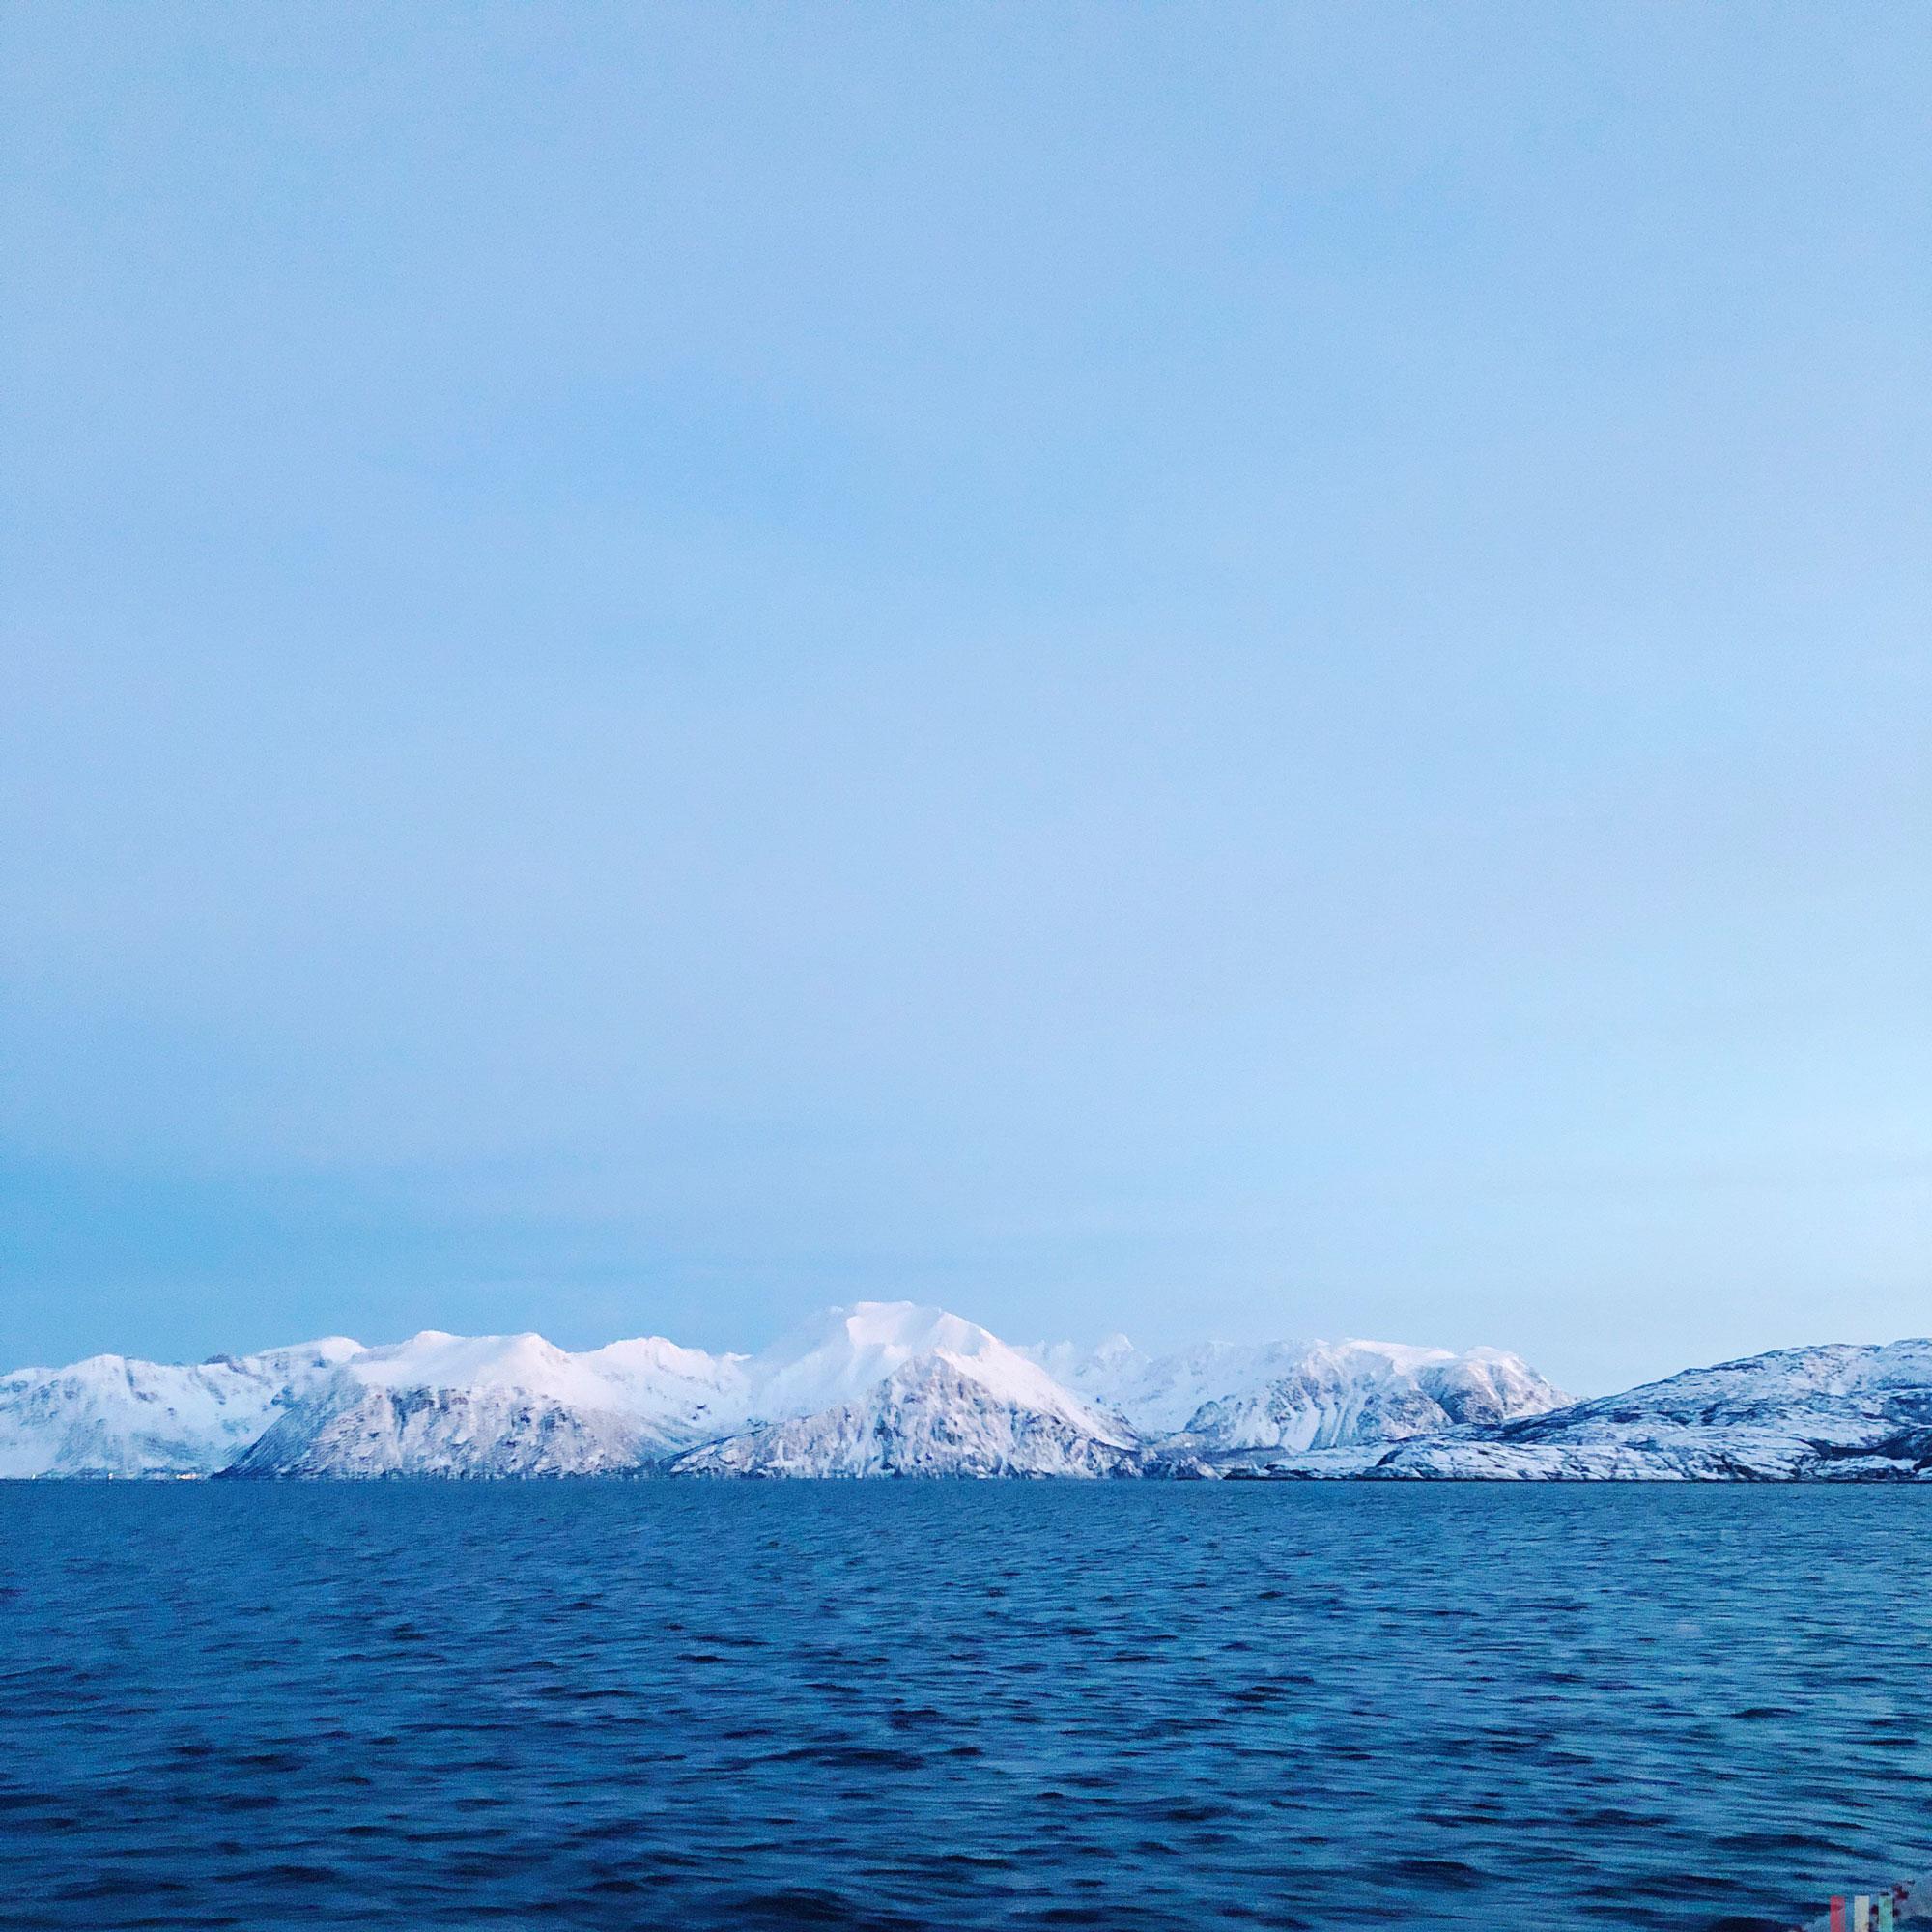 norwegen-tromso-segeltour-berge-in-skjervoy-01.jpg